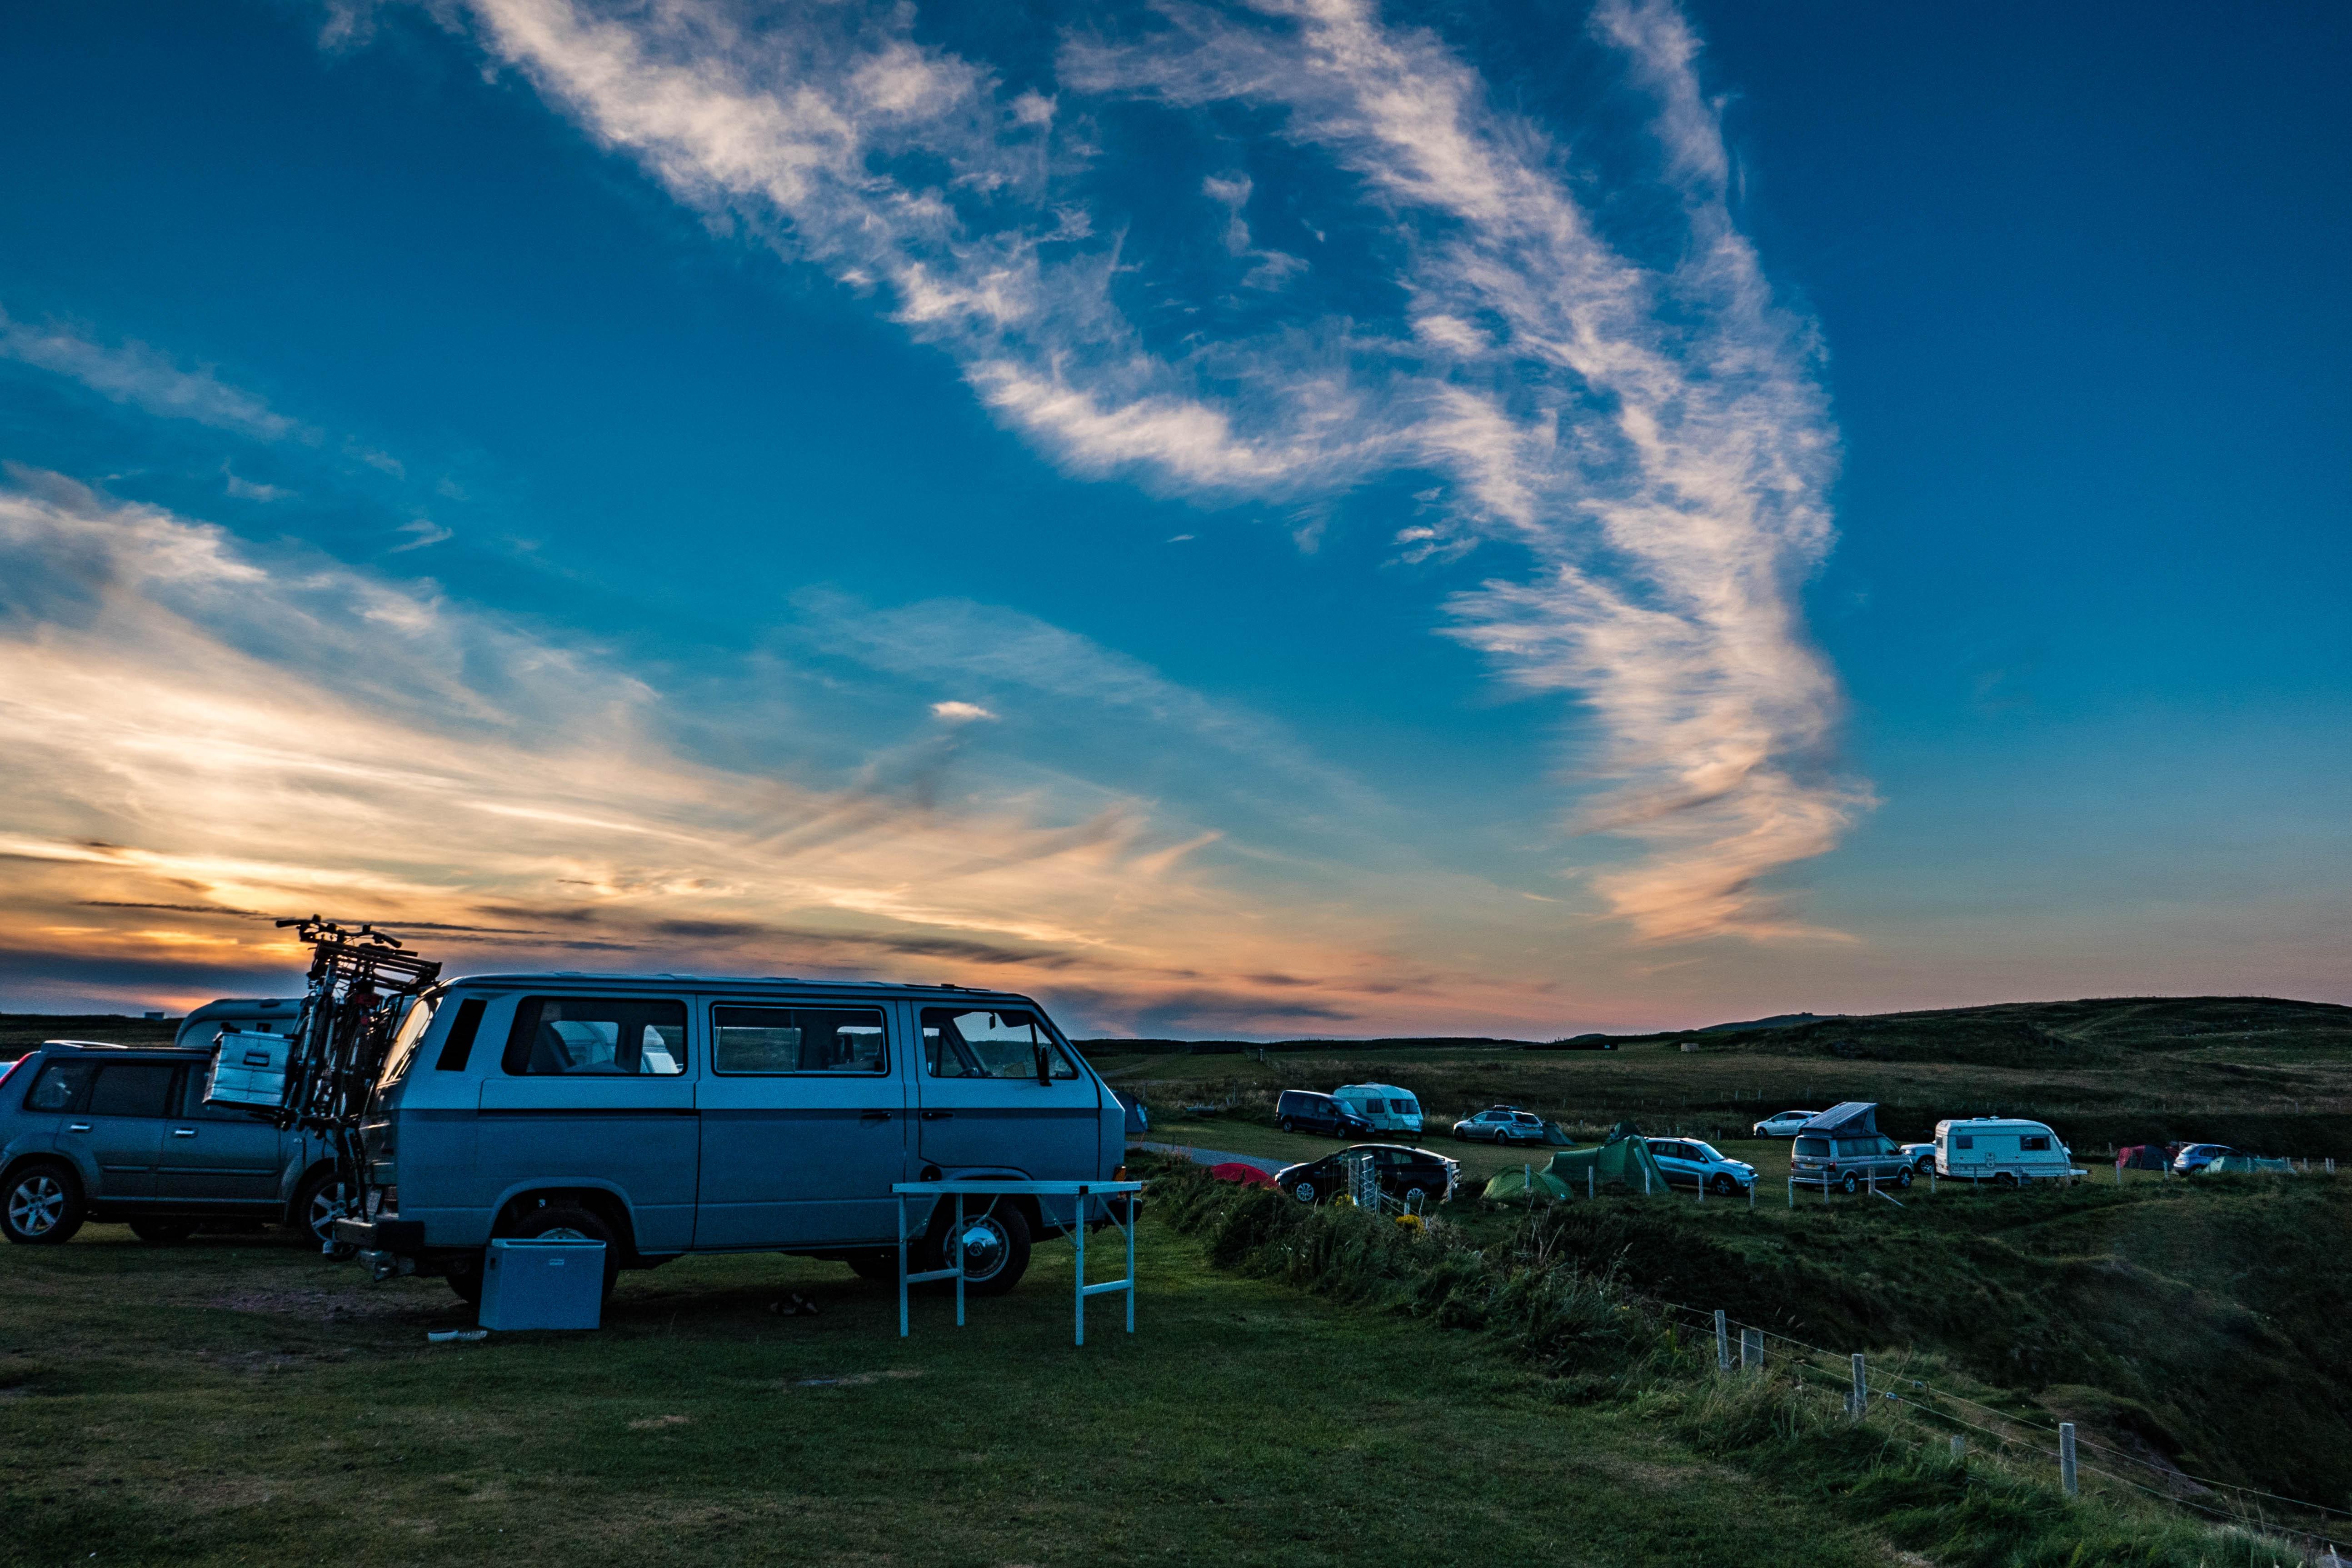 automobile-campervan-camping-587976